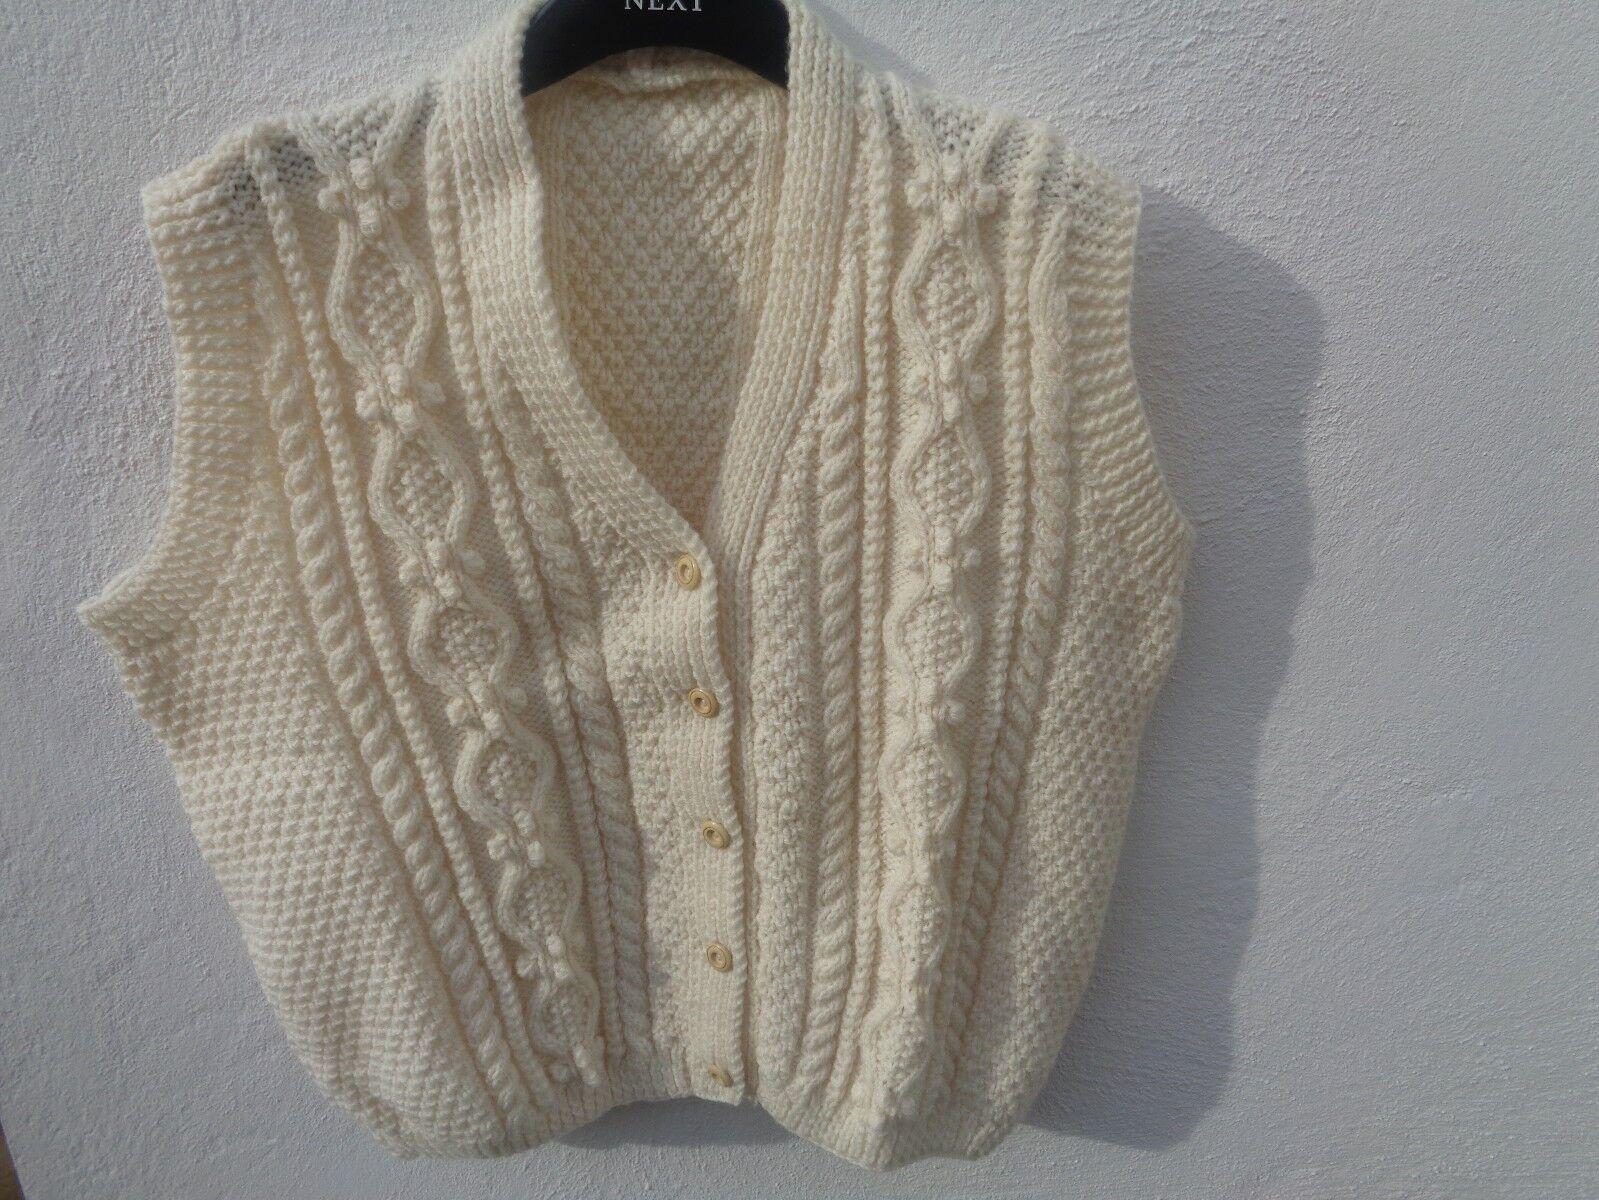 Fatto a mano Taglia M L Crema Crochet Gilet (vedi descrizione)